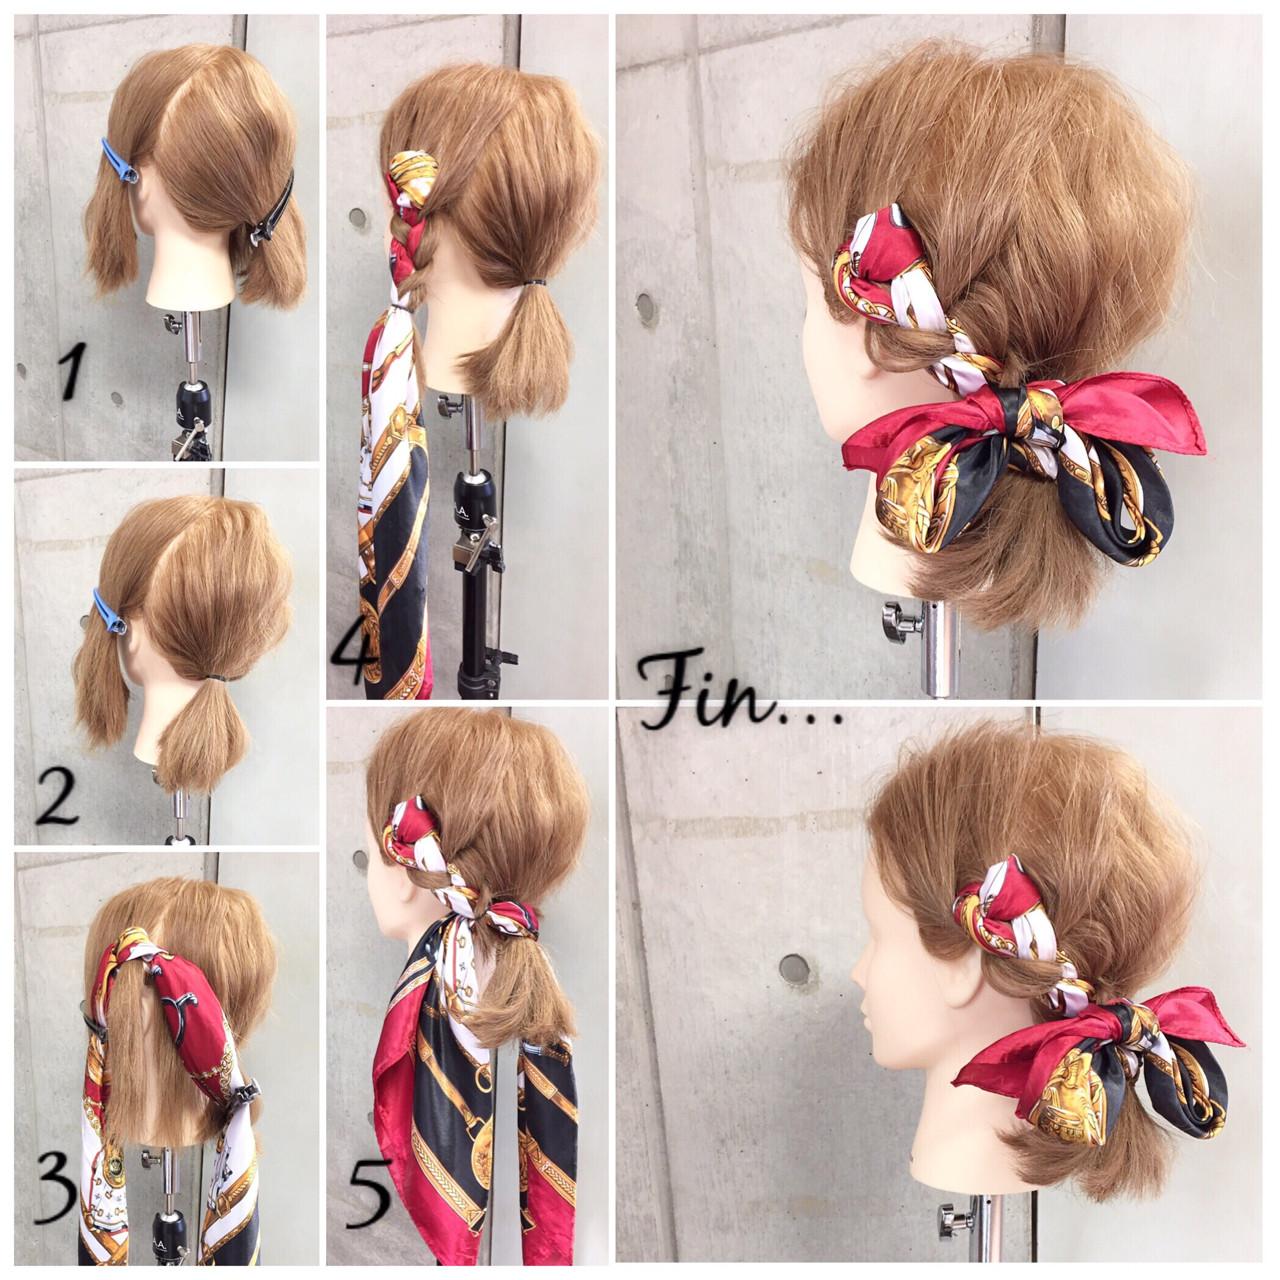 大人女子 三つ編み ボブ ショート ヘアスタイルや髪型の写真・画像 | 東海林翔太 LinobyU-REALM / Lino by U-REALM